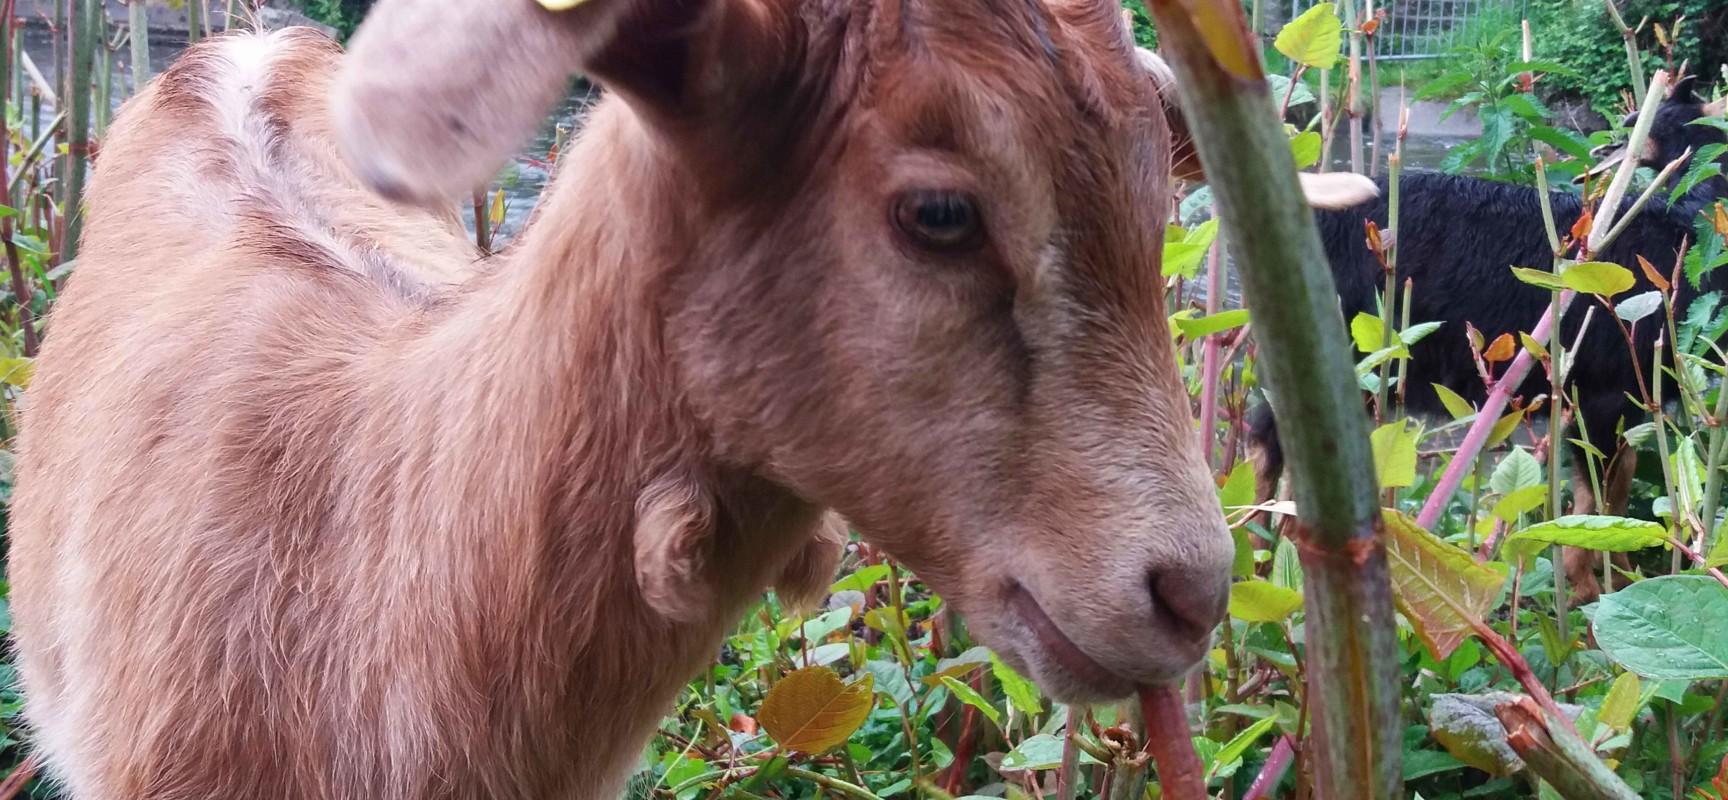 3 jeunes chevrettes ont rejoint le troupeau #Ecopaturage #Aubusson